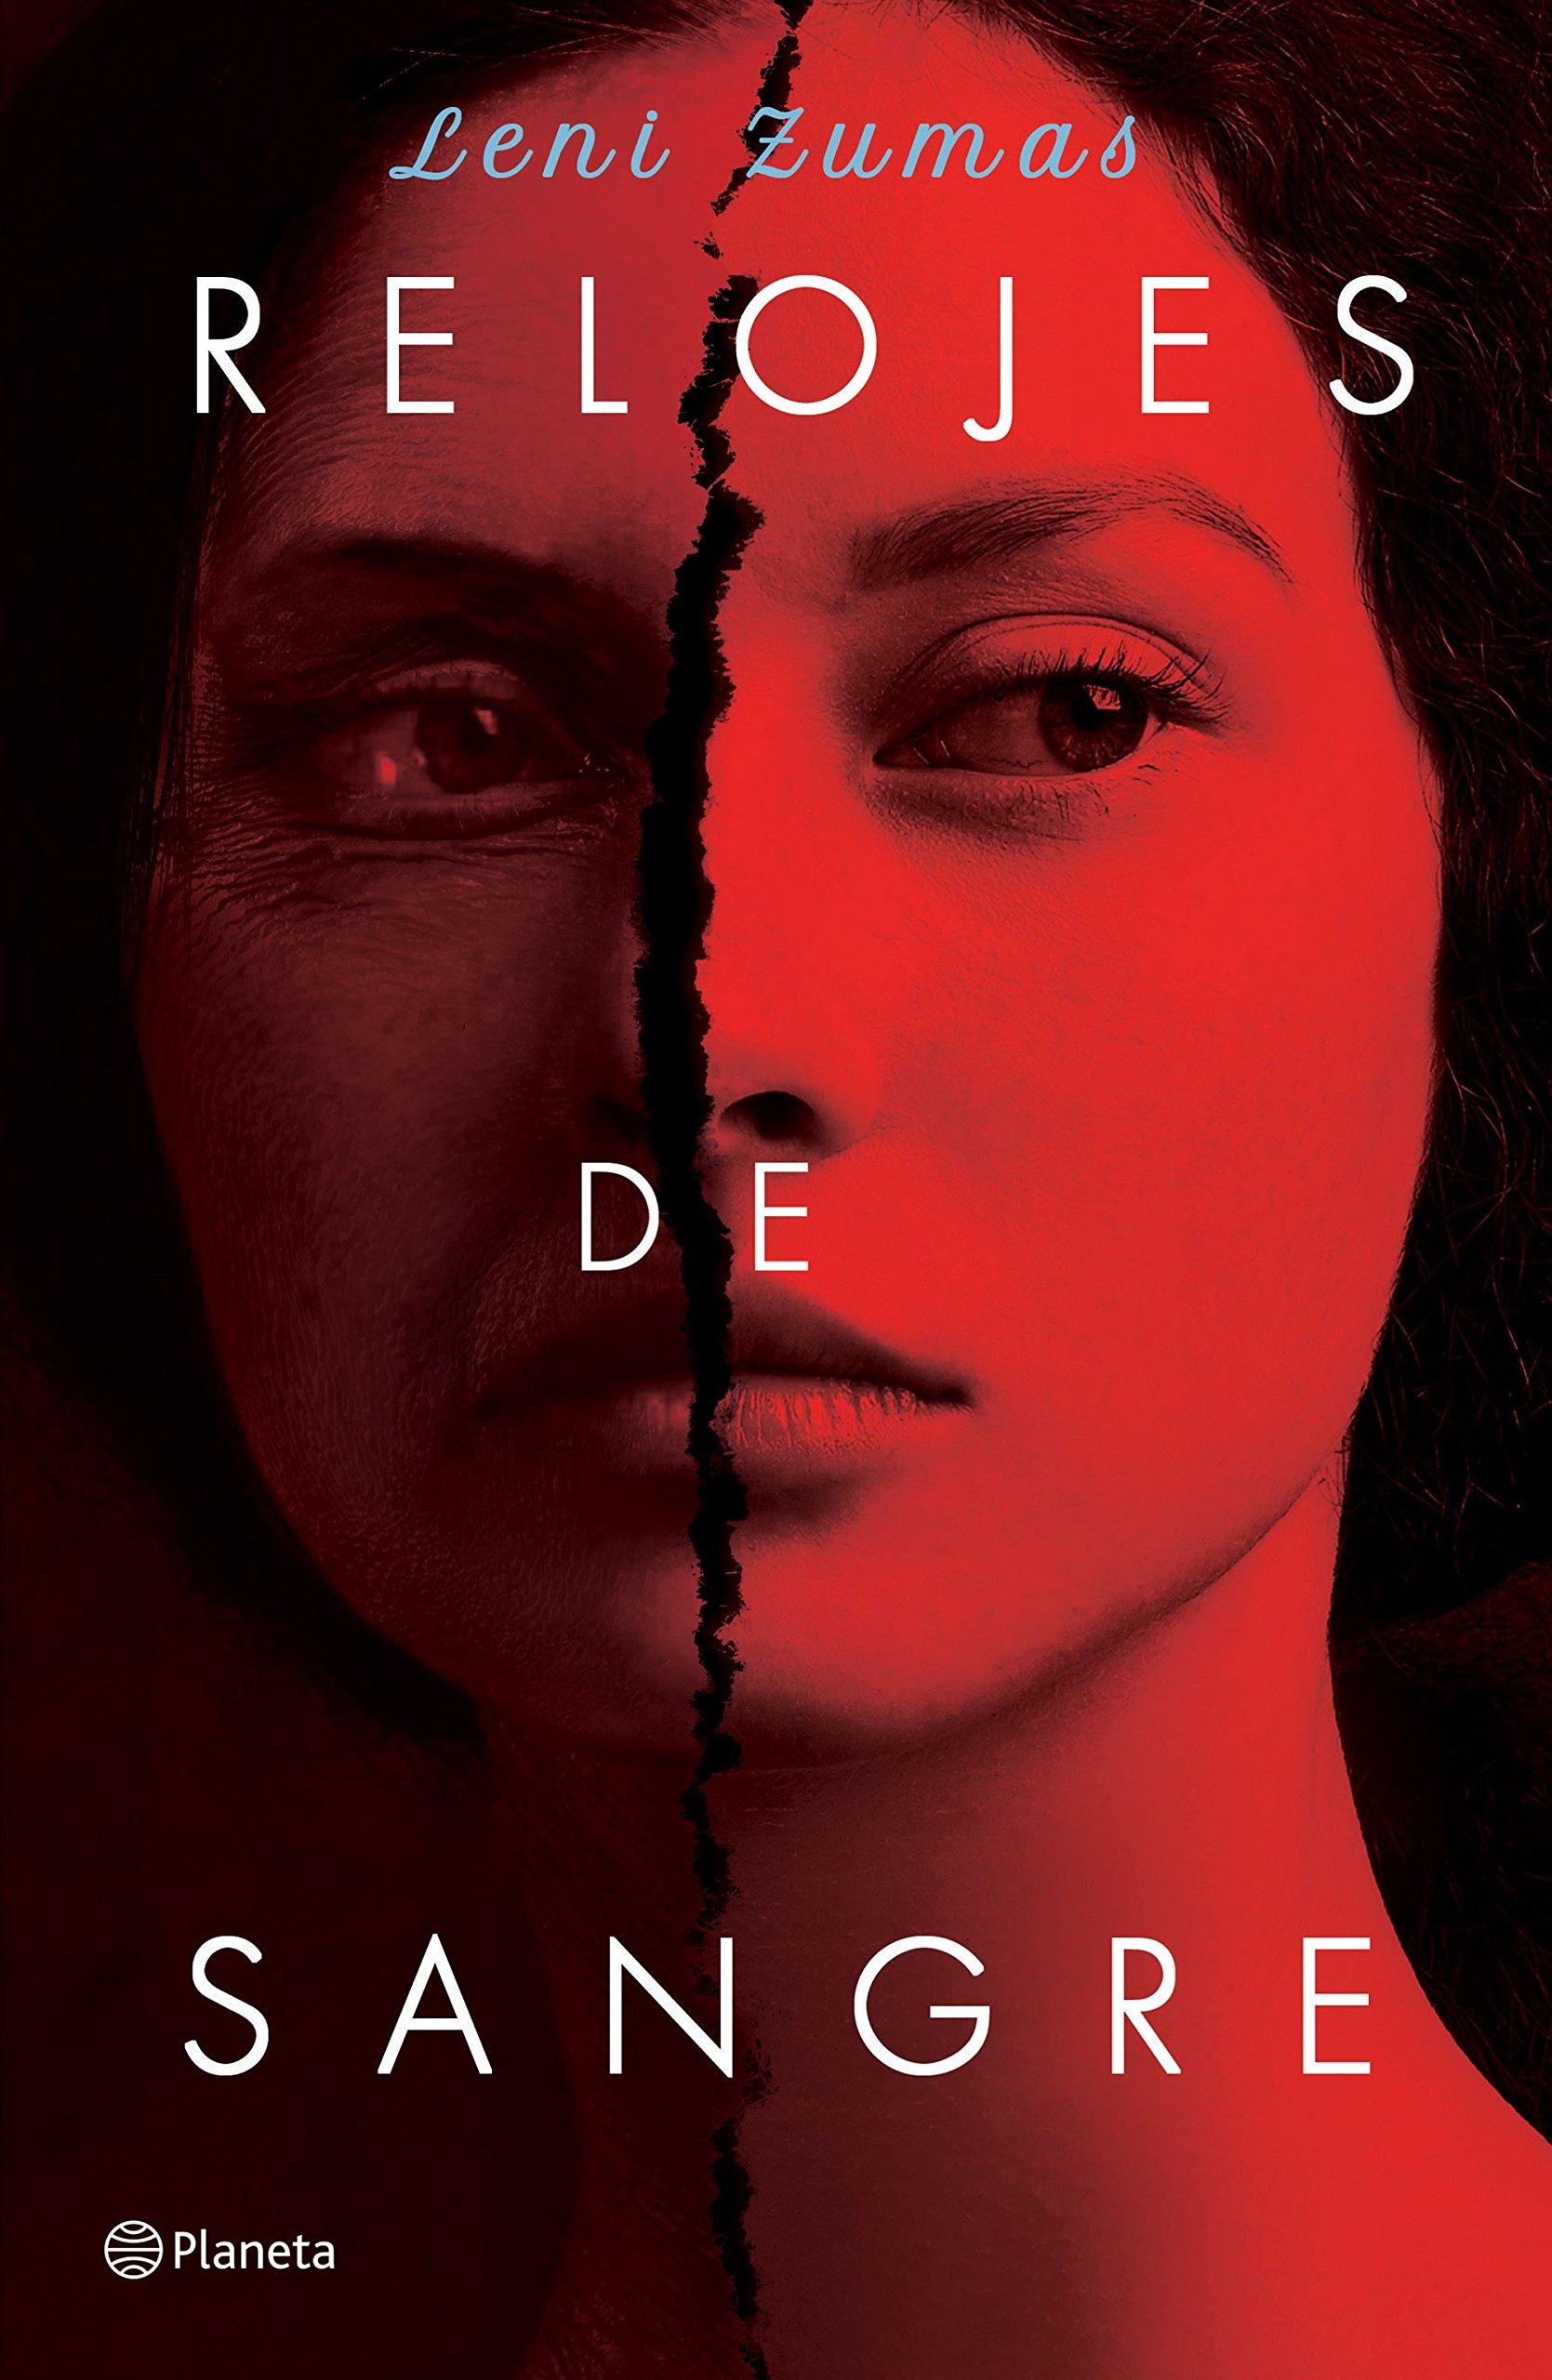 Relojes de sangre (Spanish Edition): Leni Zumas: 9786070751806: Amazon.com: Books